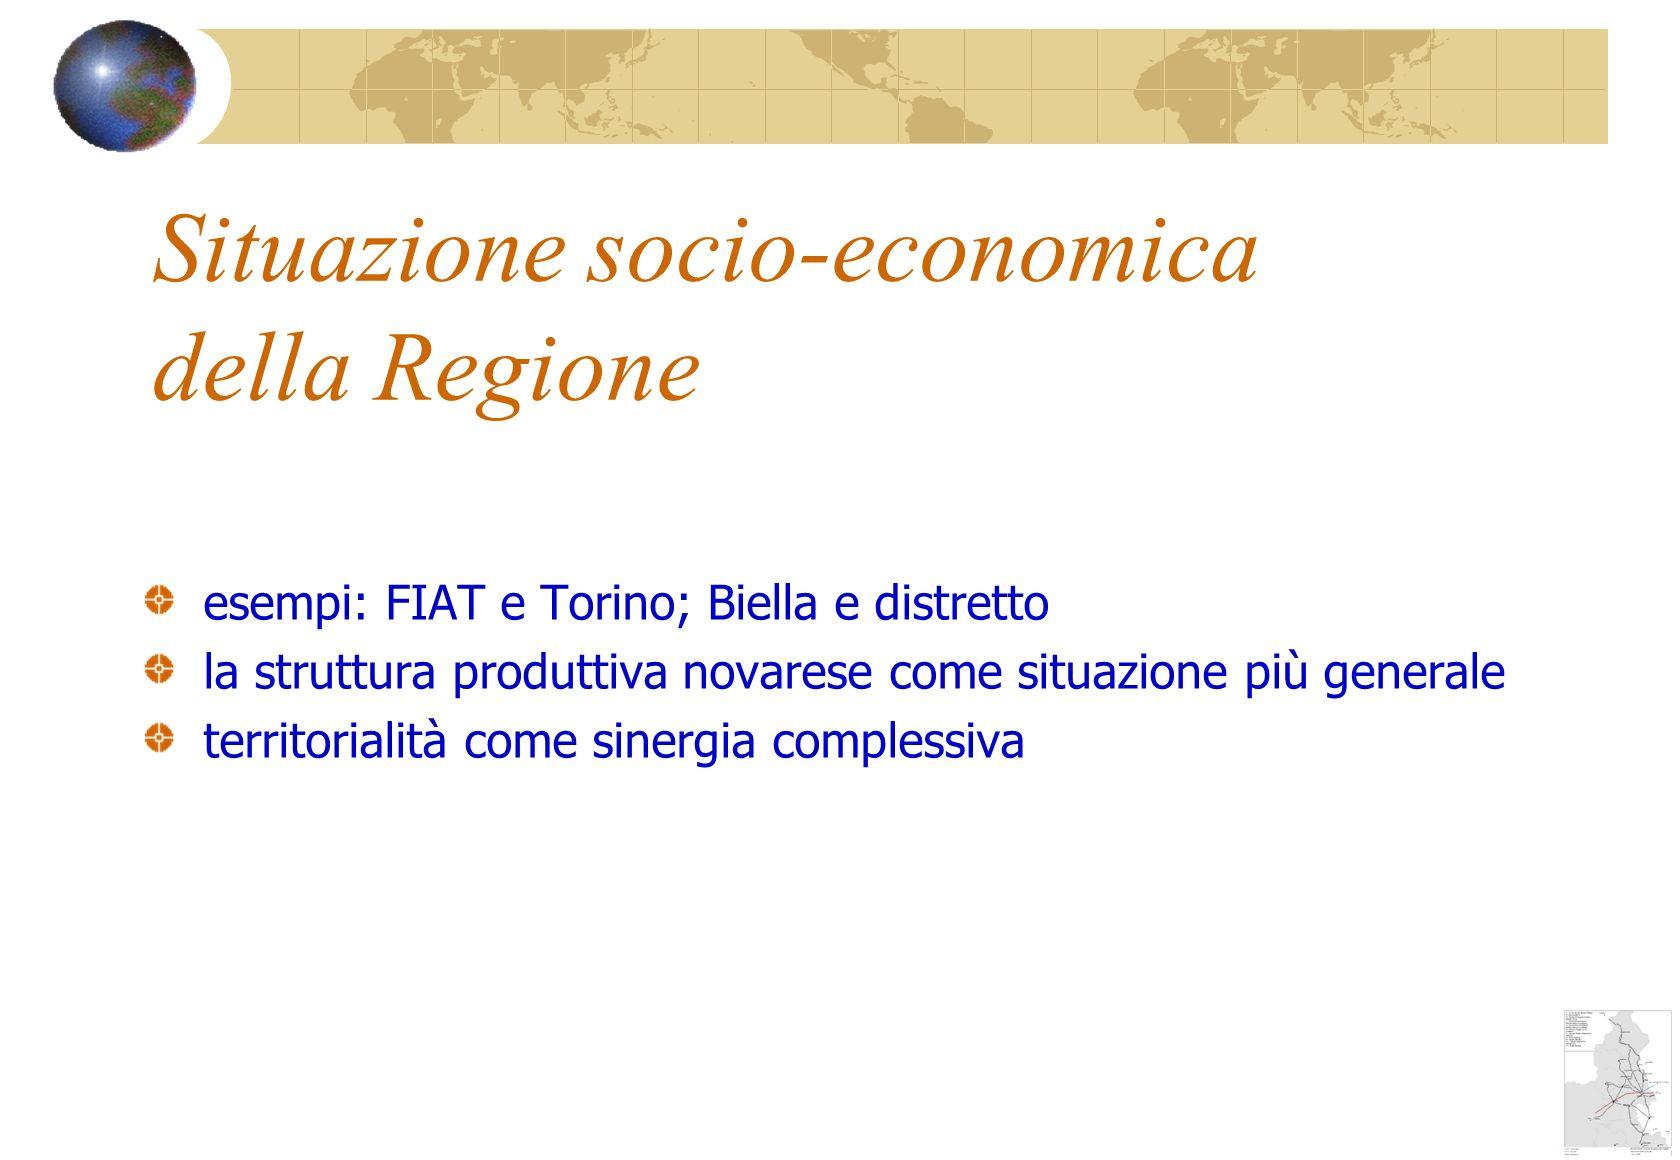 Situazione socio-economica della Regione esempi: FIAT e Torino; Biella e distretto la struttura produttiva novarese come situazione più generale territorialità come sinergia complessiva